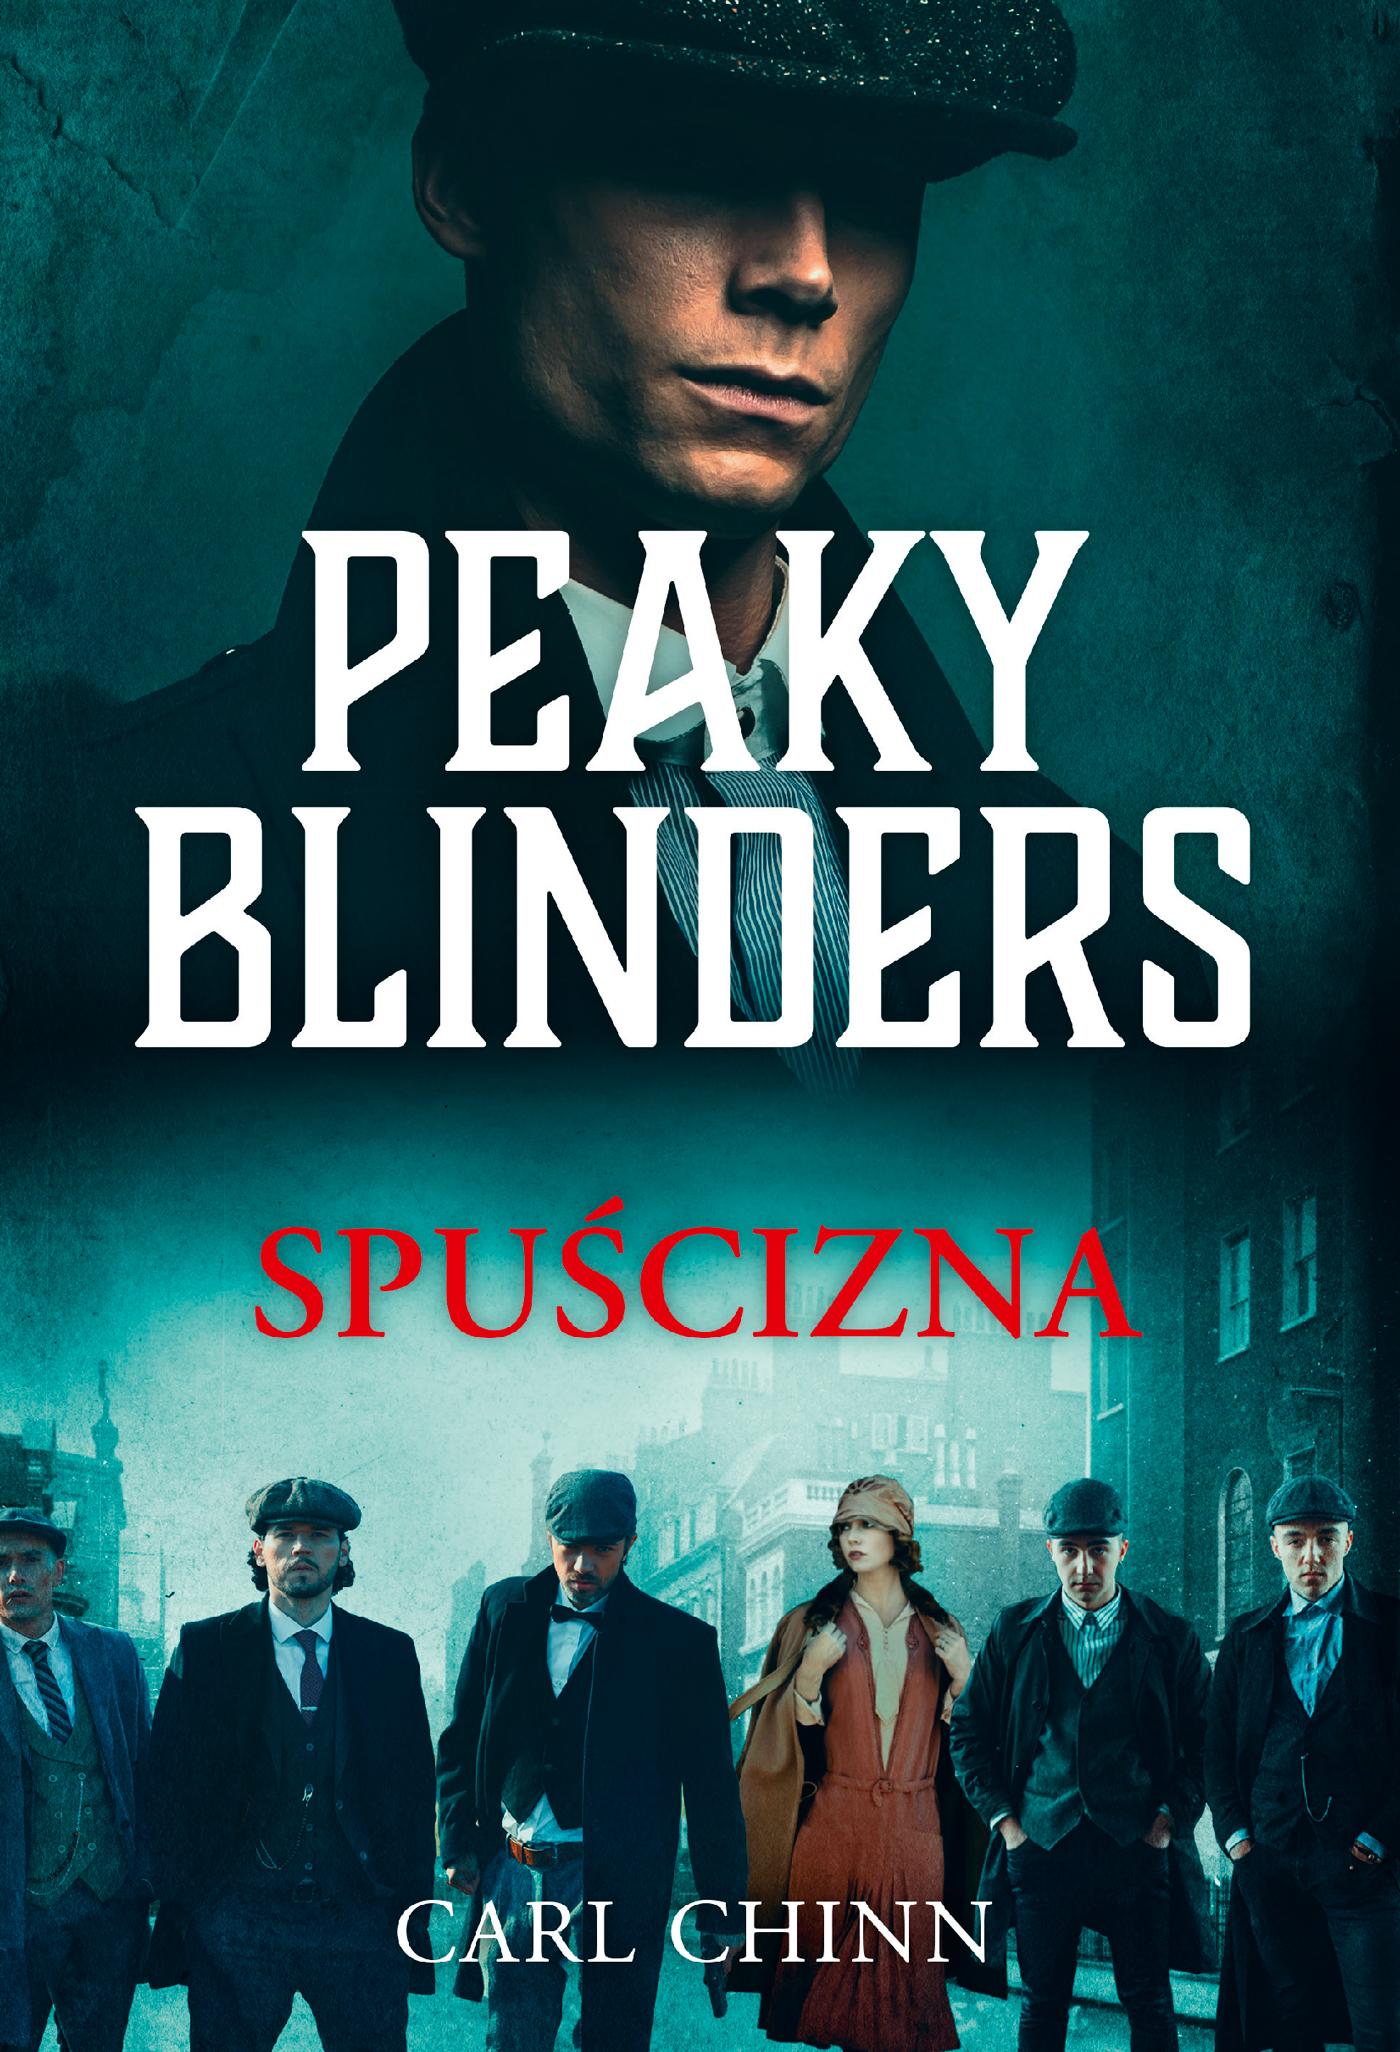 Peaky Blinders. Spuścizna